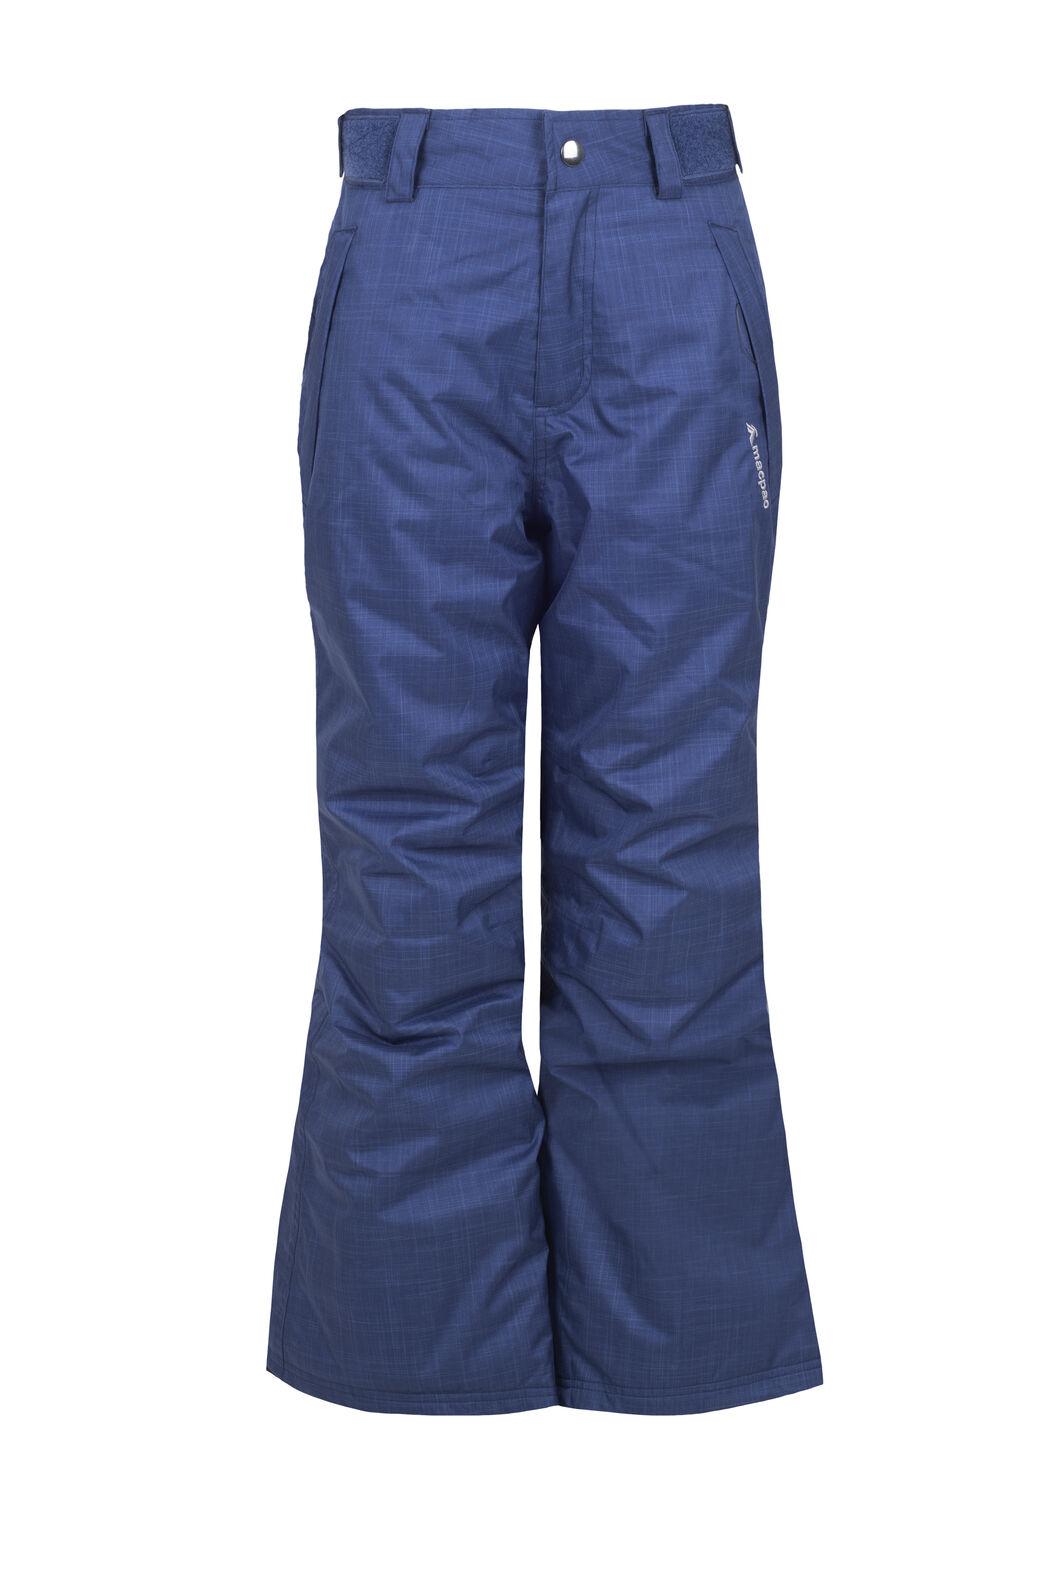 Macpac Spree Ski Pants - Kids', Medieval Blue, hi-res